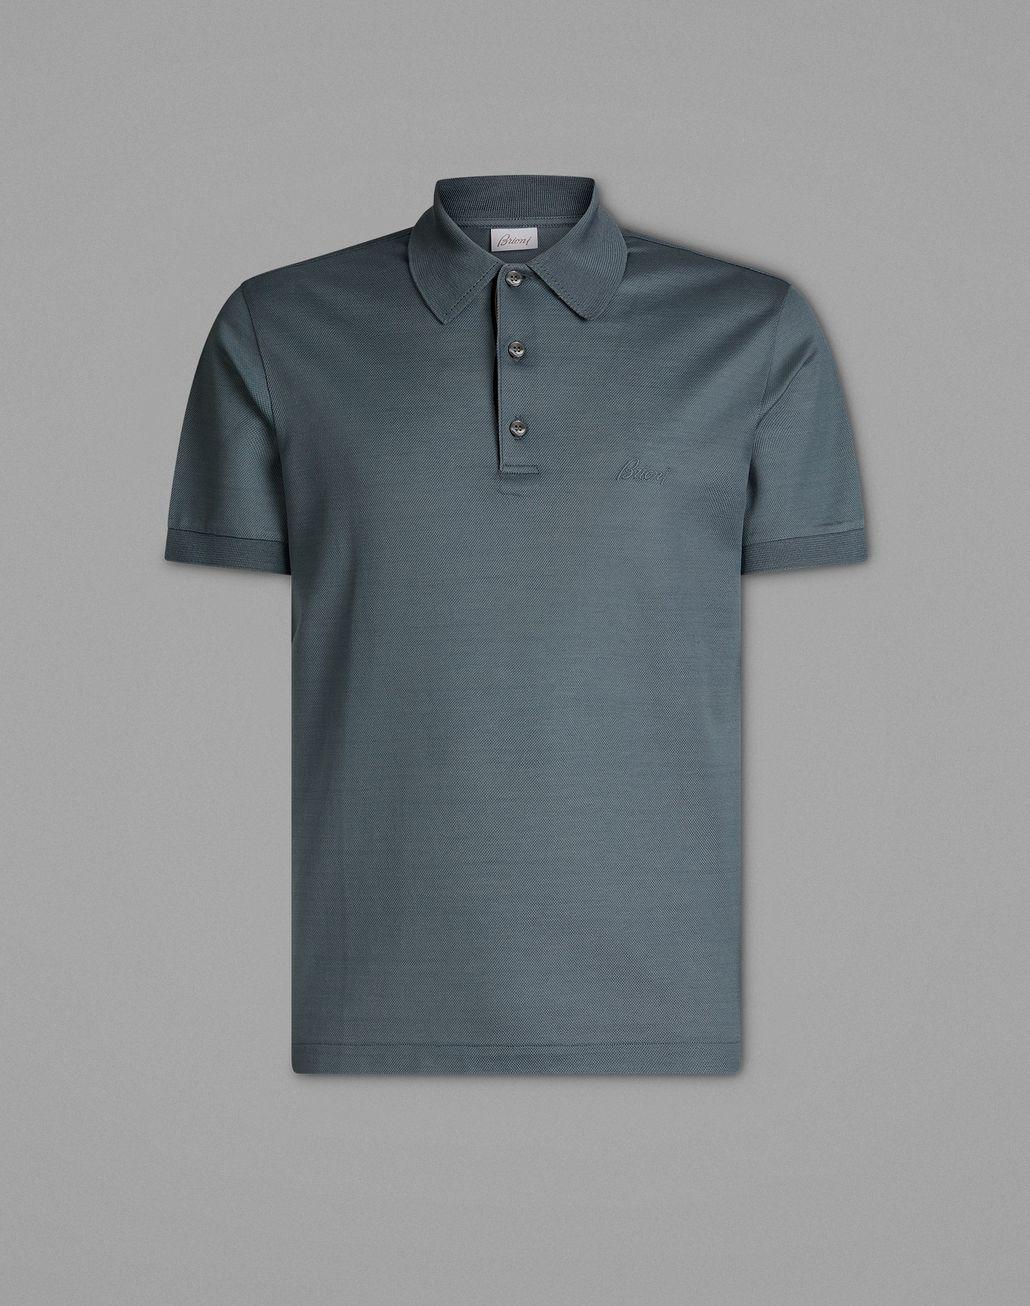 BRIONI Gray Polo Shirt T-Shirts & Polos Man f